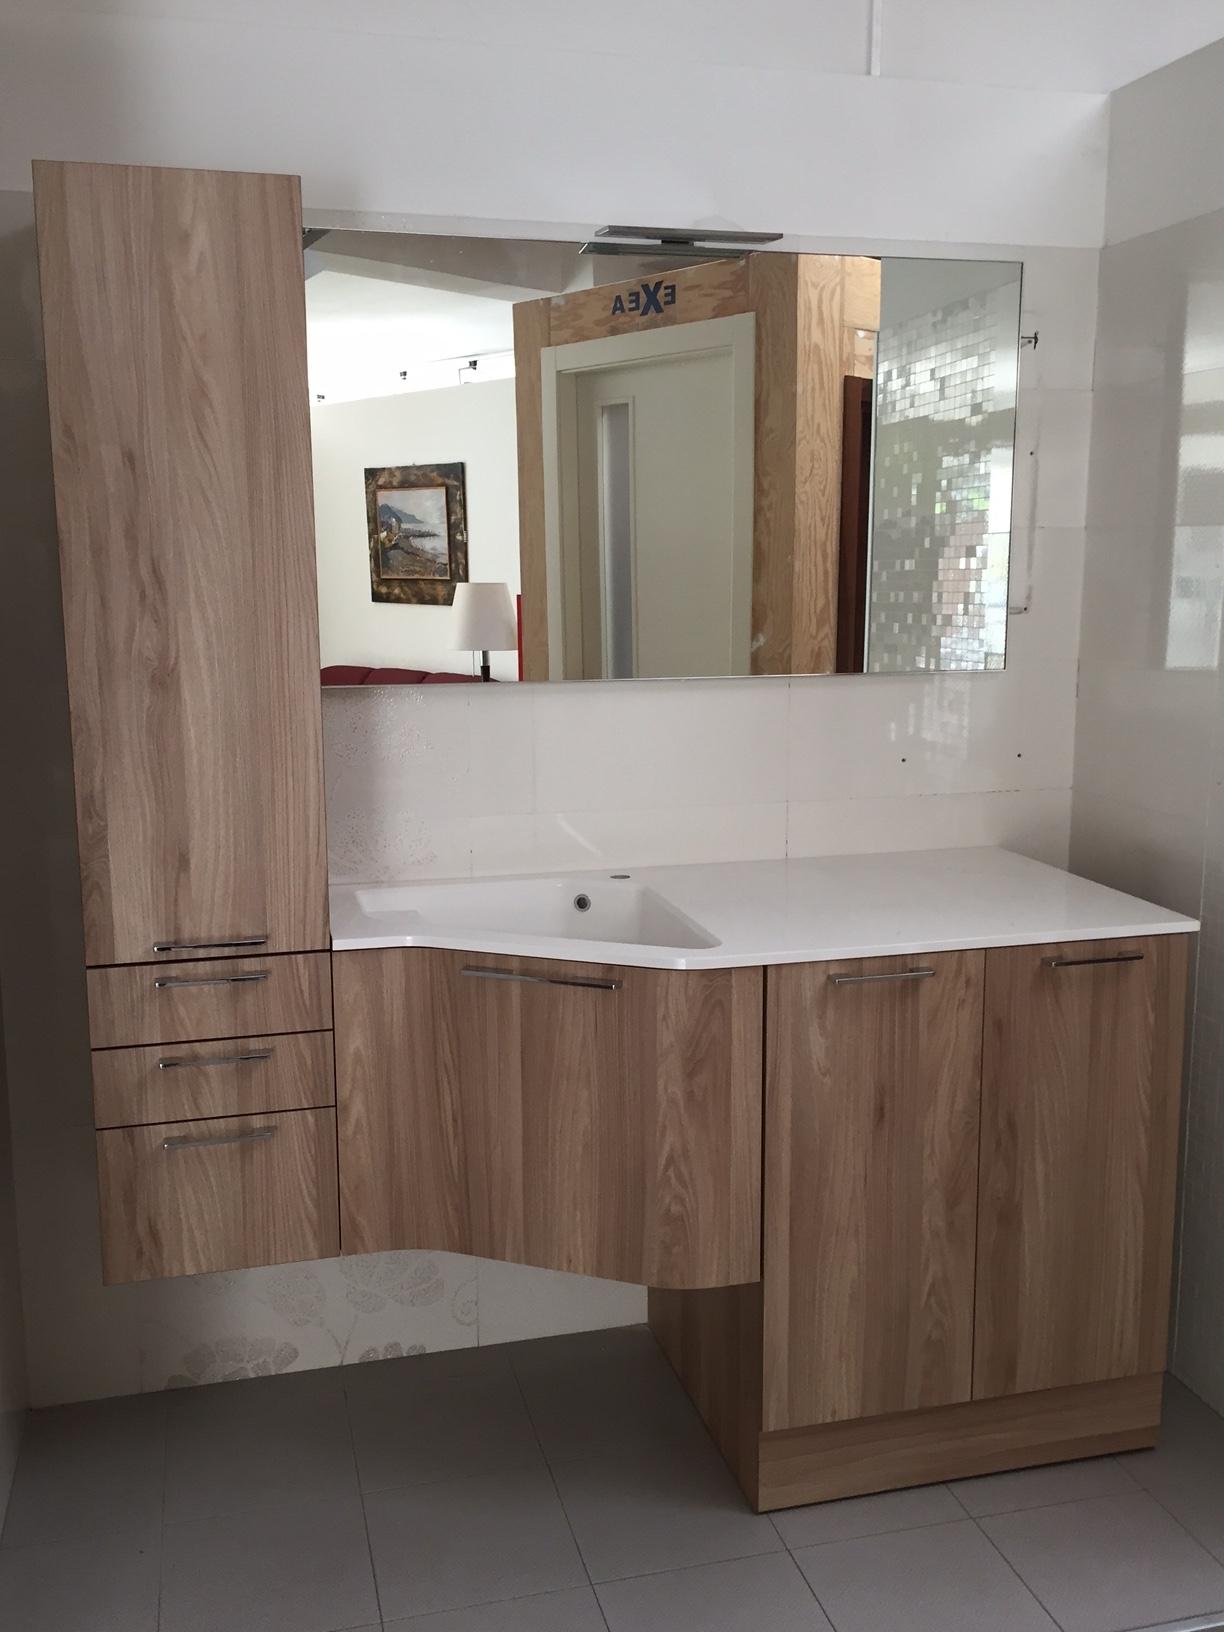 Mobile bagno lavanderia Arbi a prezzi scontati - Arredo bagno a prezzi ...